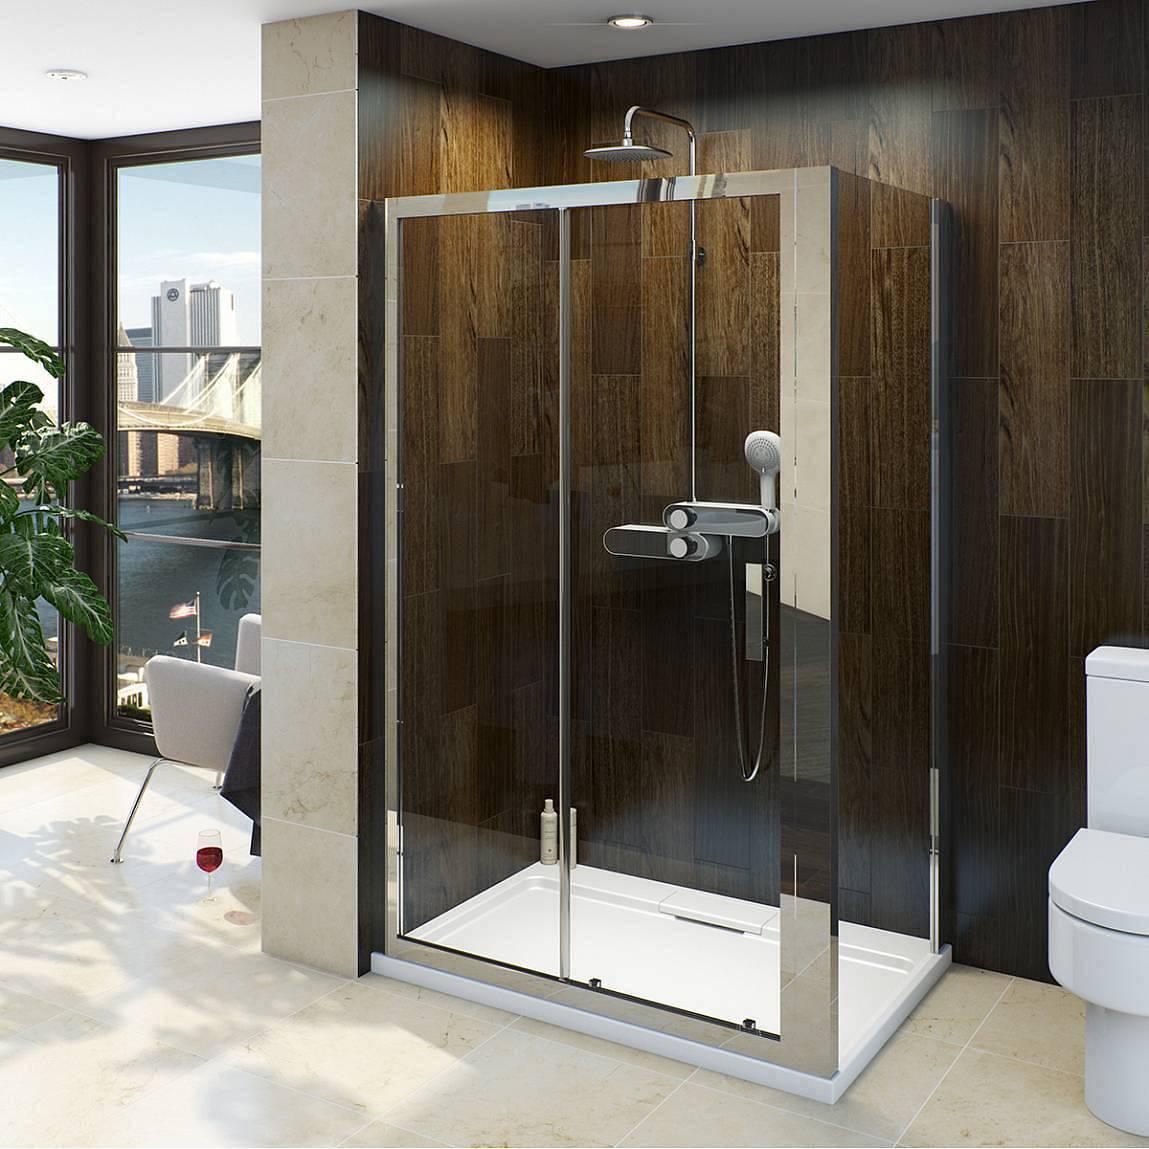 Image of V8 Framed Sliding Shower Enclosure 1400 x 700